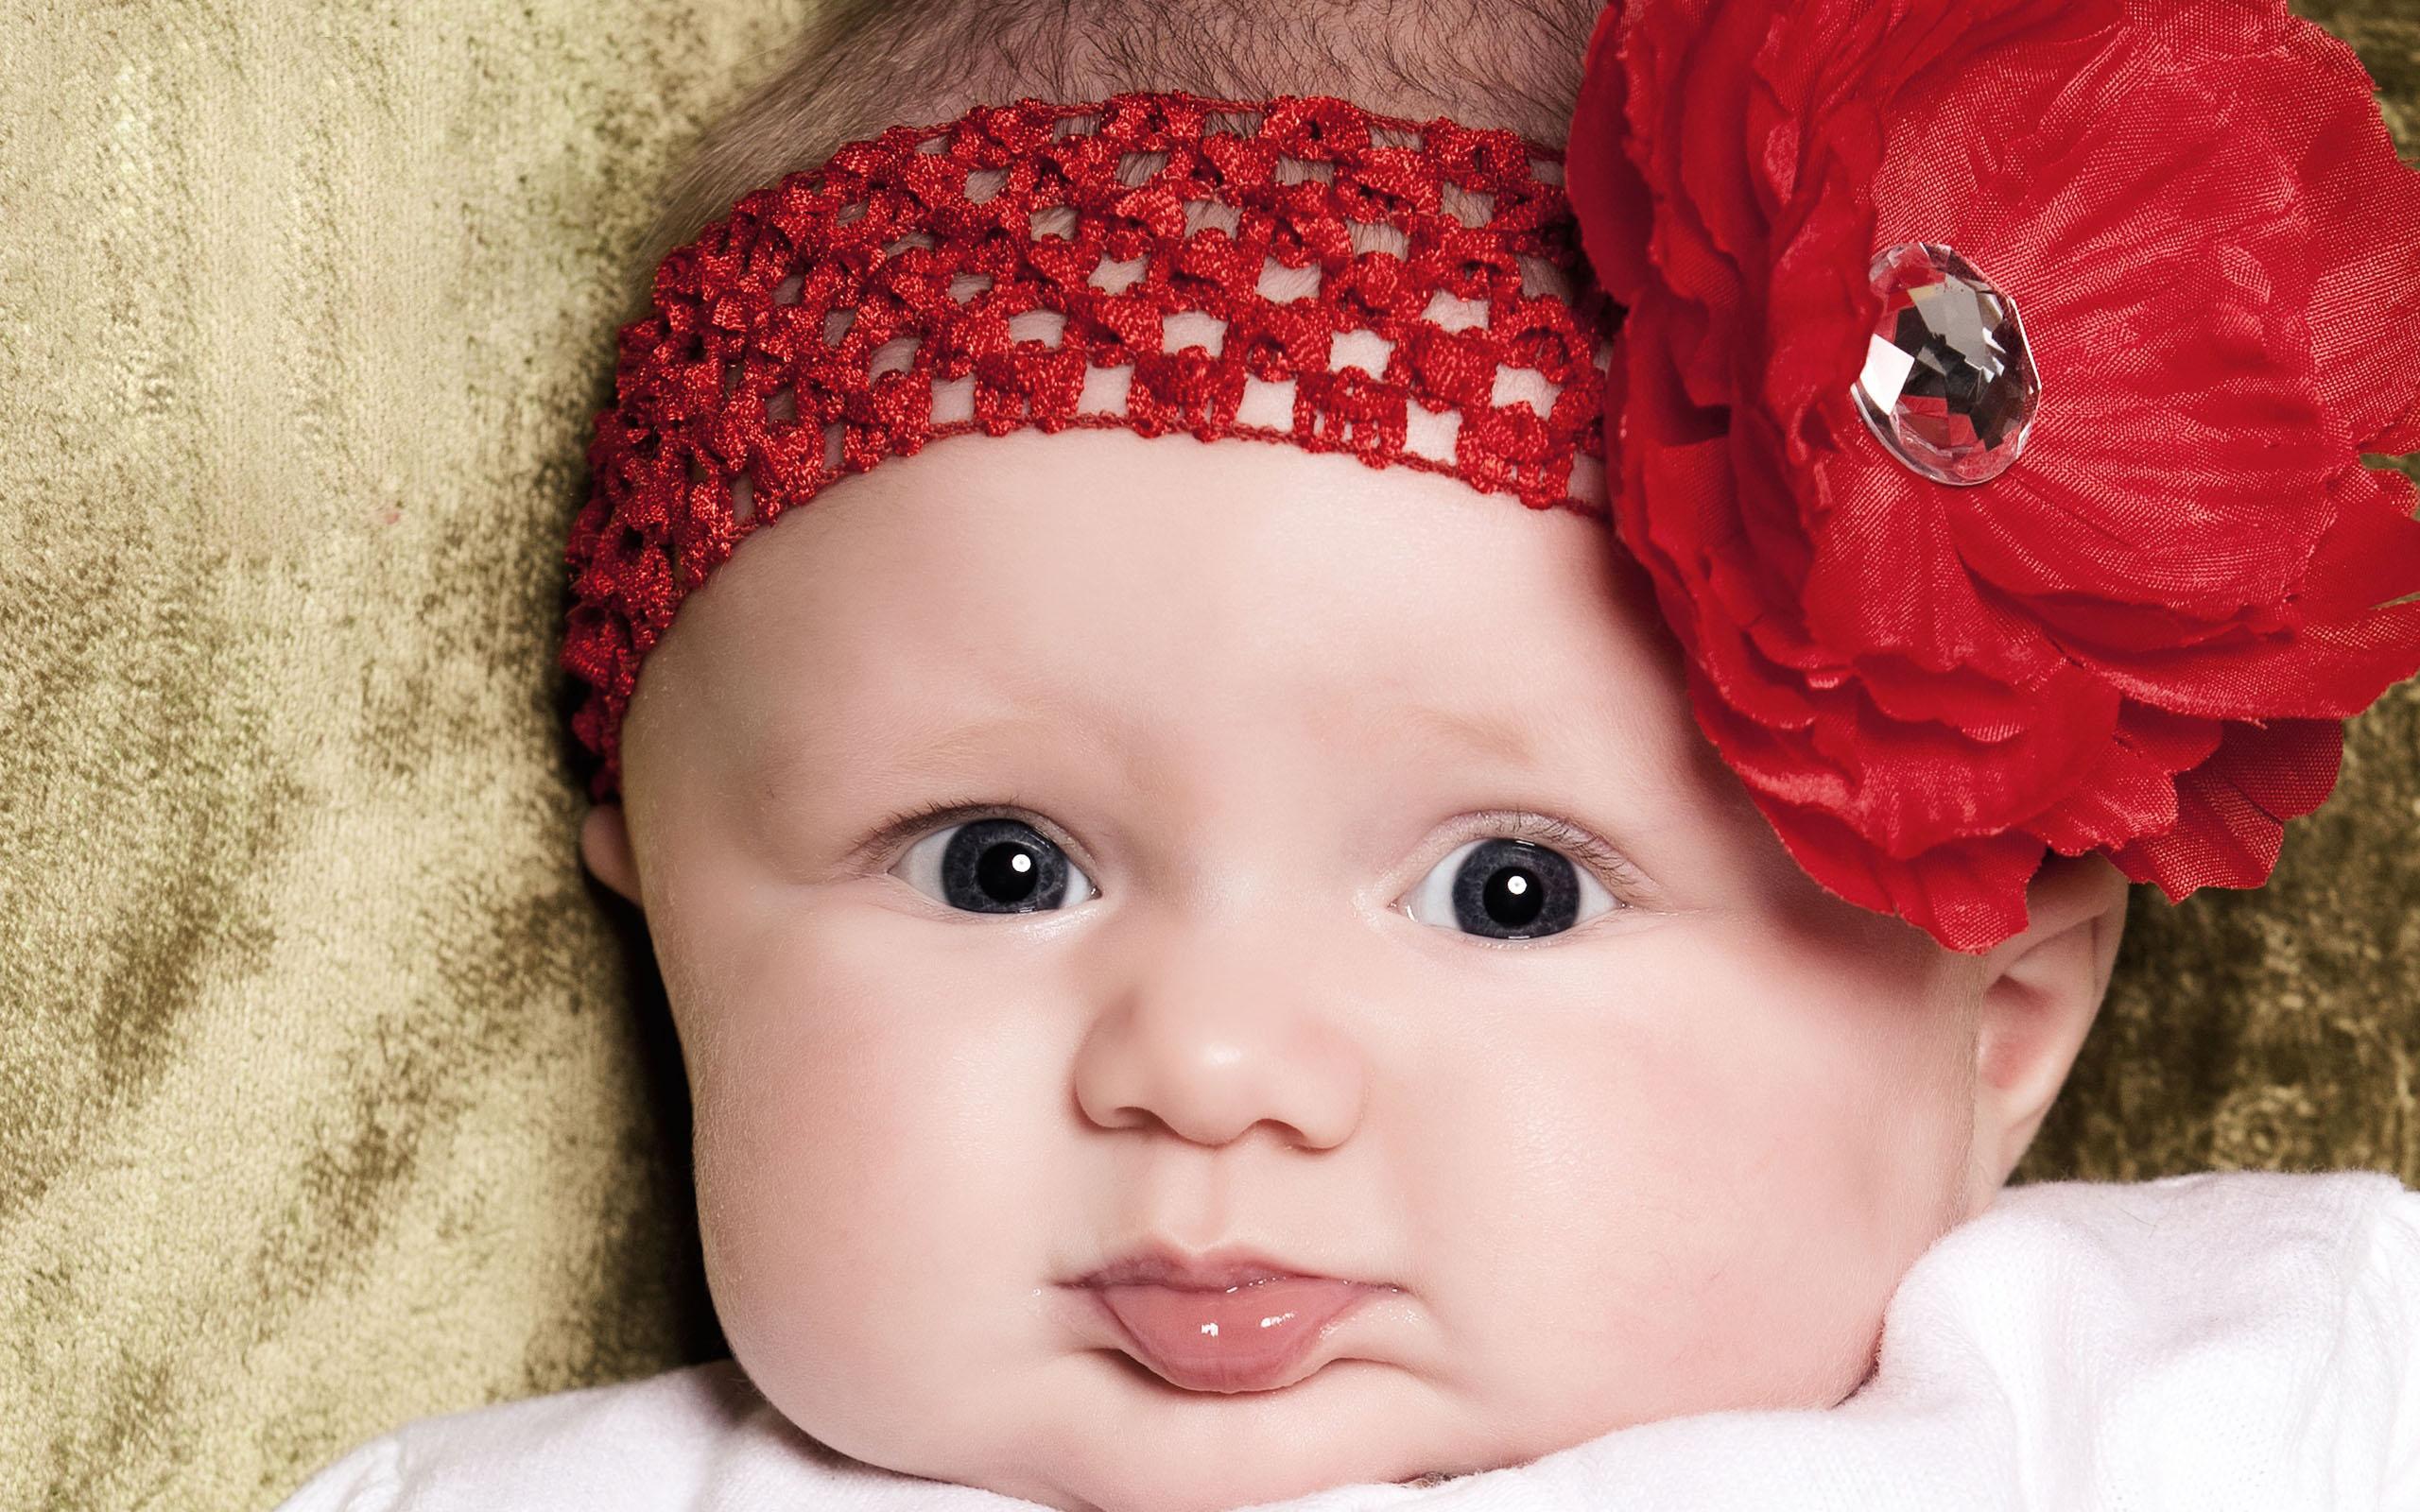 Комментарии к фото детей красивые картинки